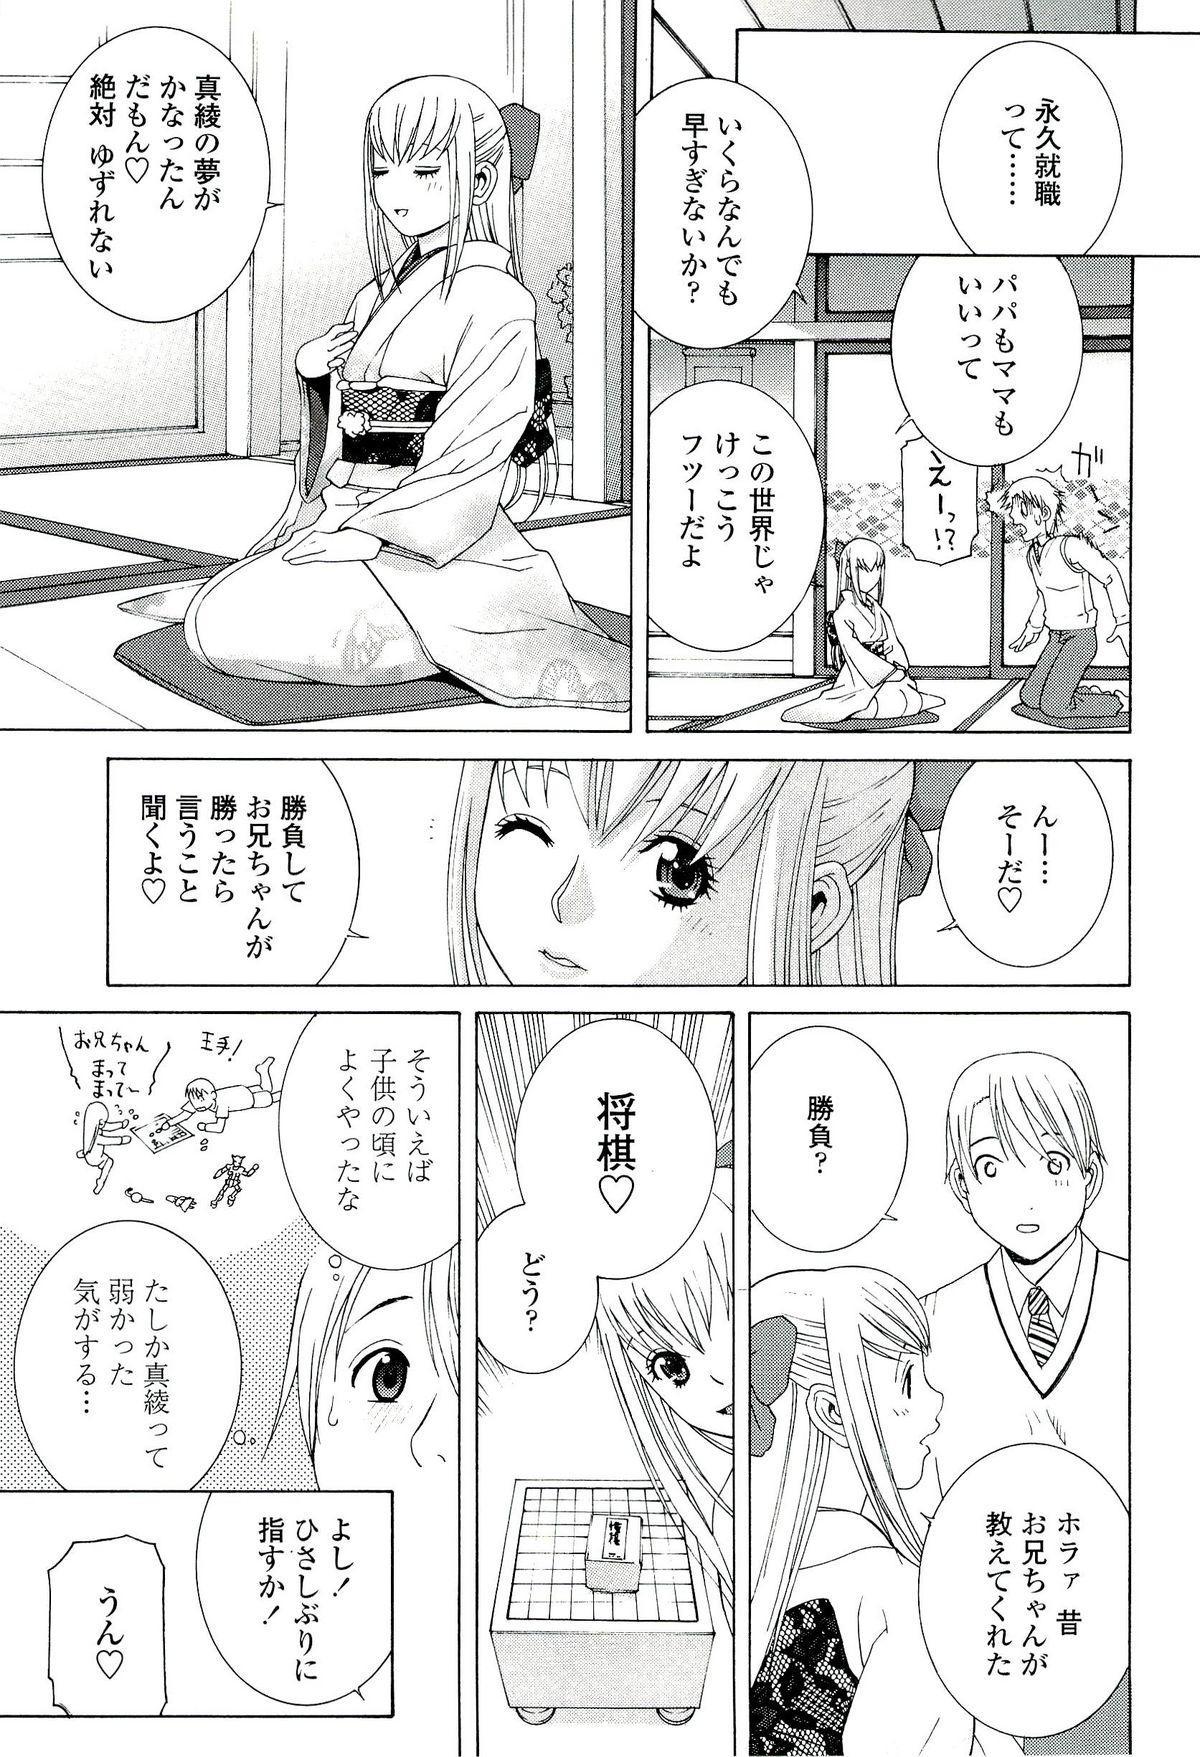 Ane ♡ Mai Love 80